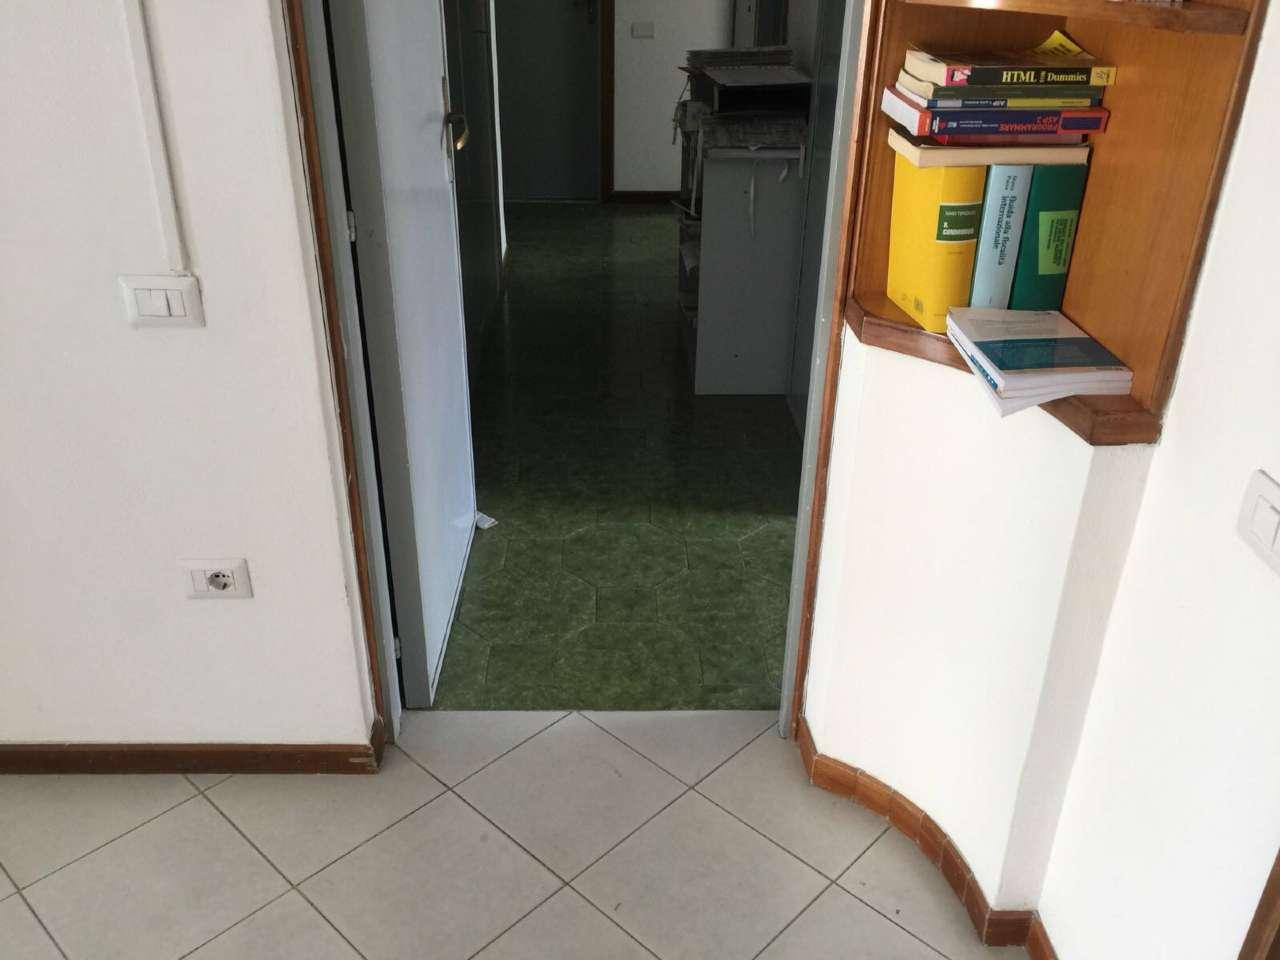 Sant'Anastasia Sant'Anastasia Vendita APPARTAMENTO >> annunci casa per affitto a torino e provincia